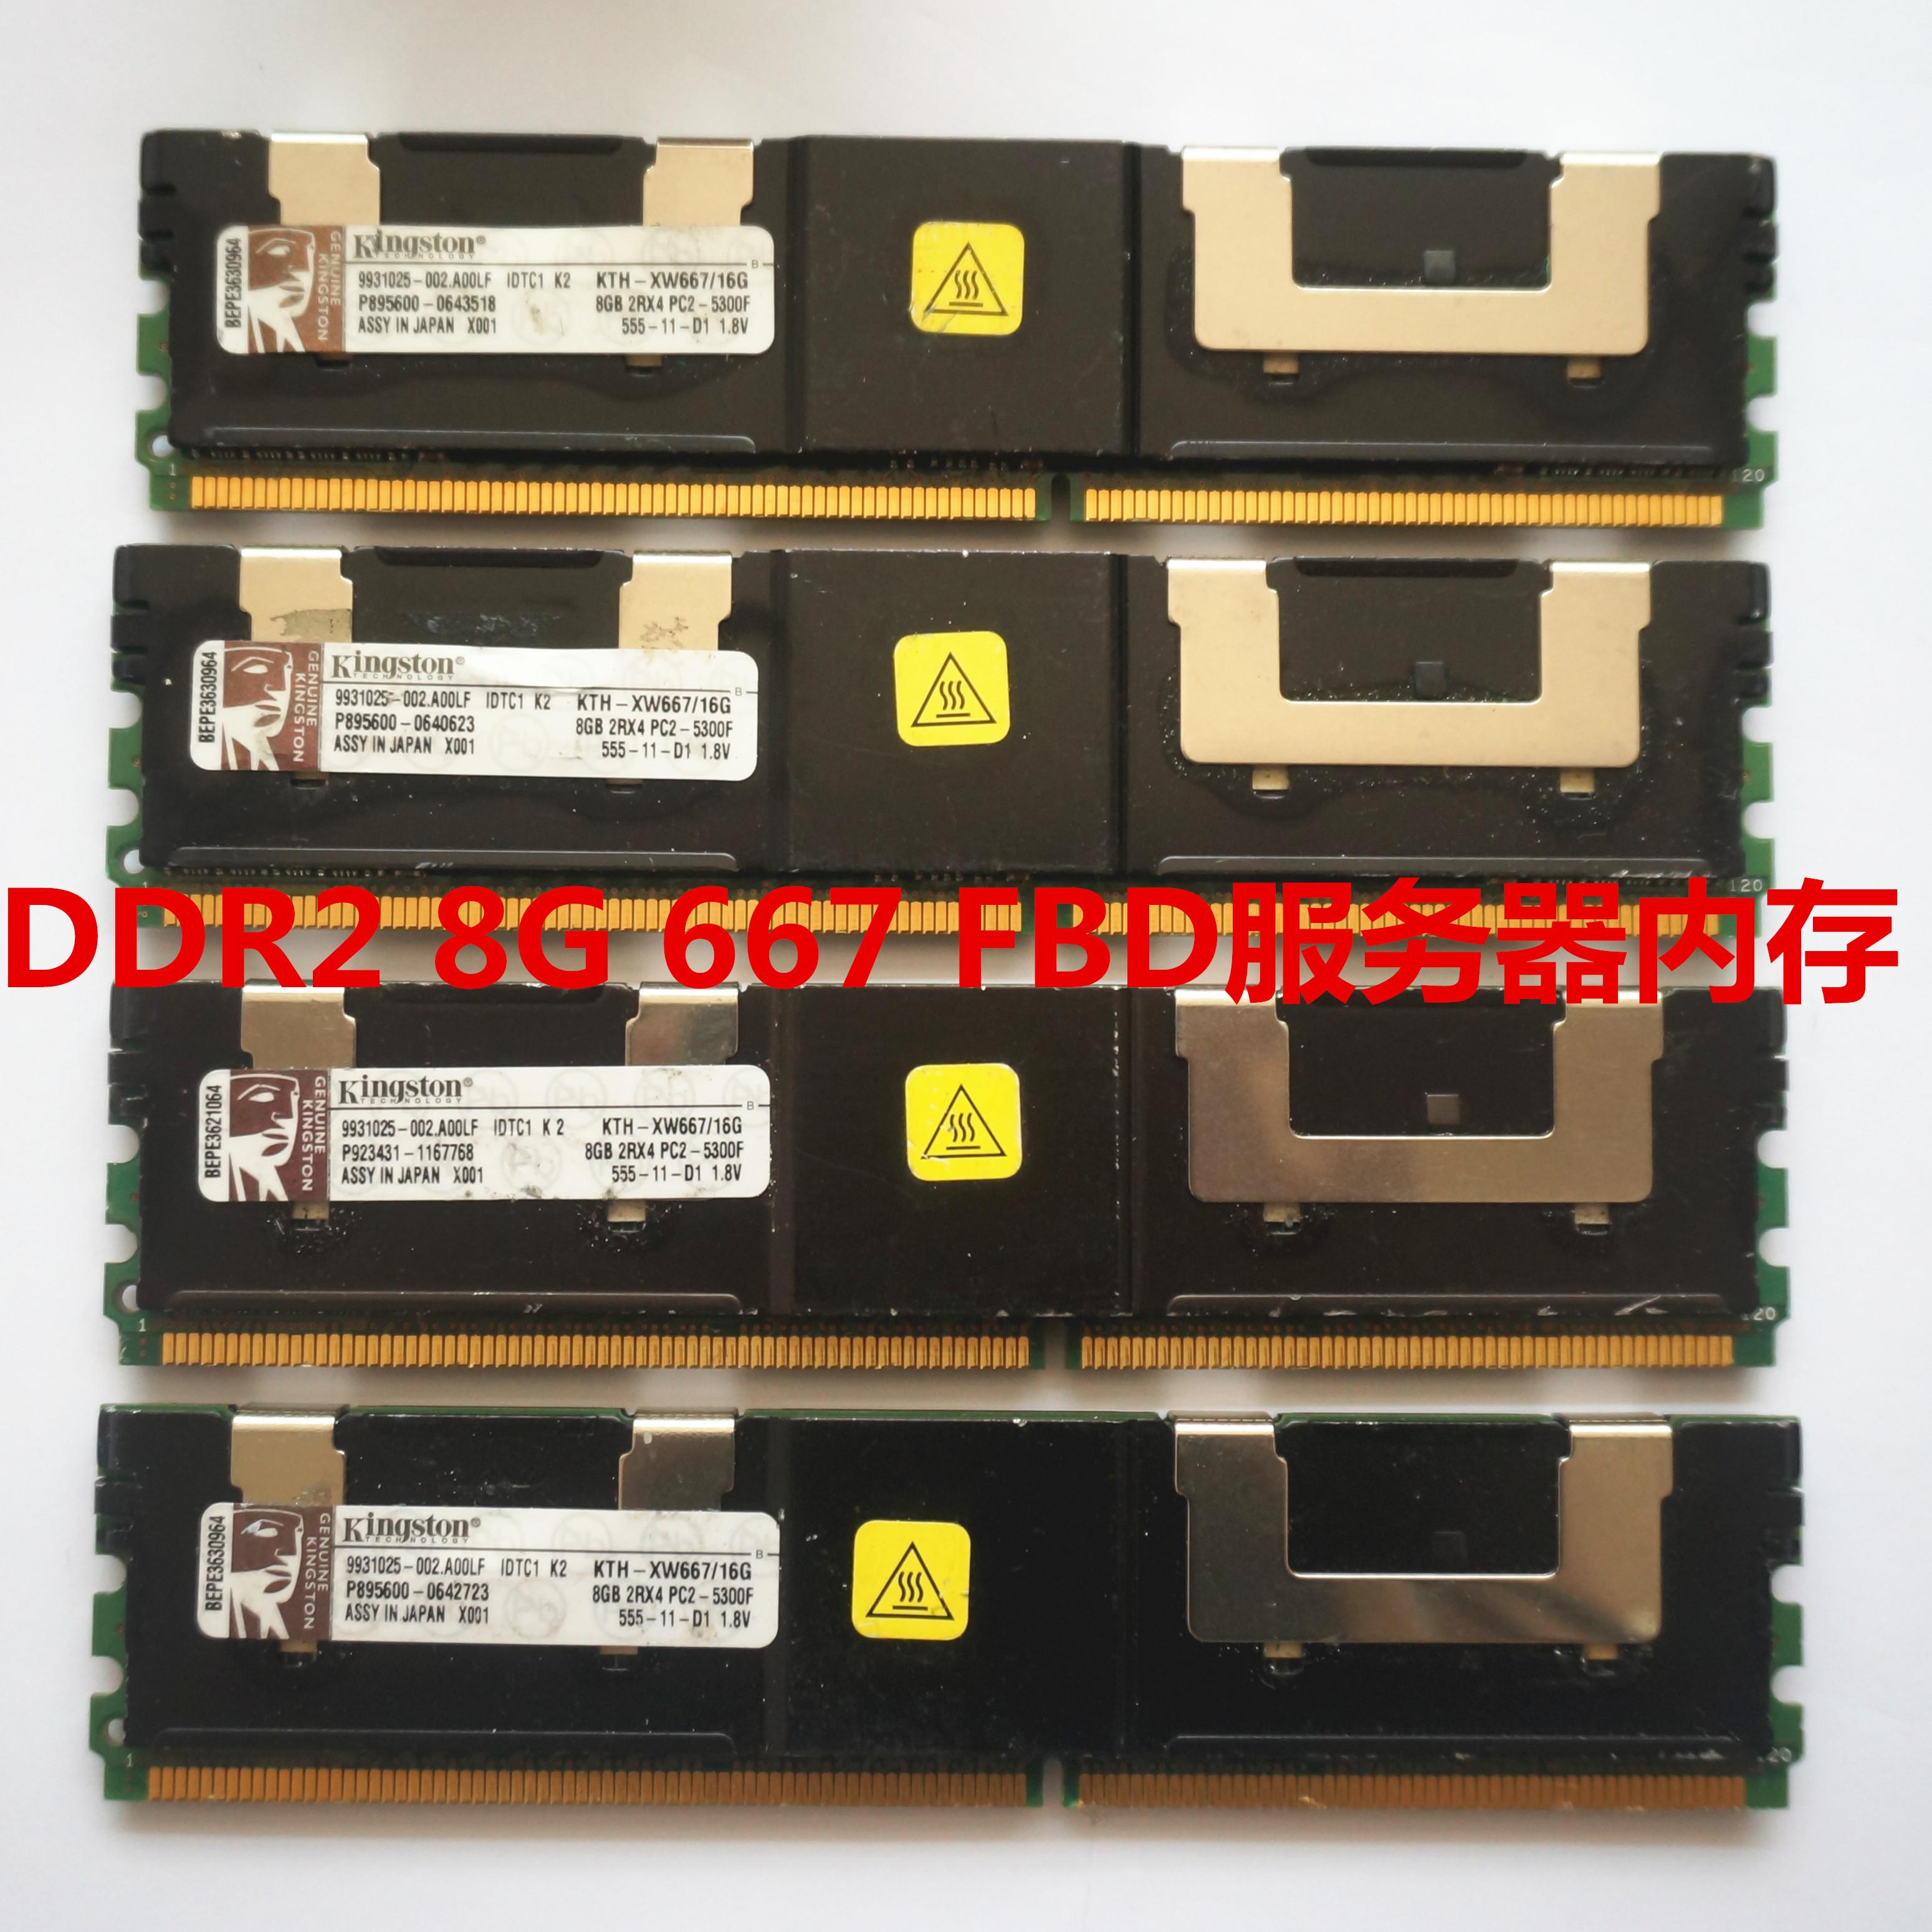 8G 2r*4 DDR2 667 PC2-5300F 服务器专用内存条 ECC FBD DIMM